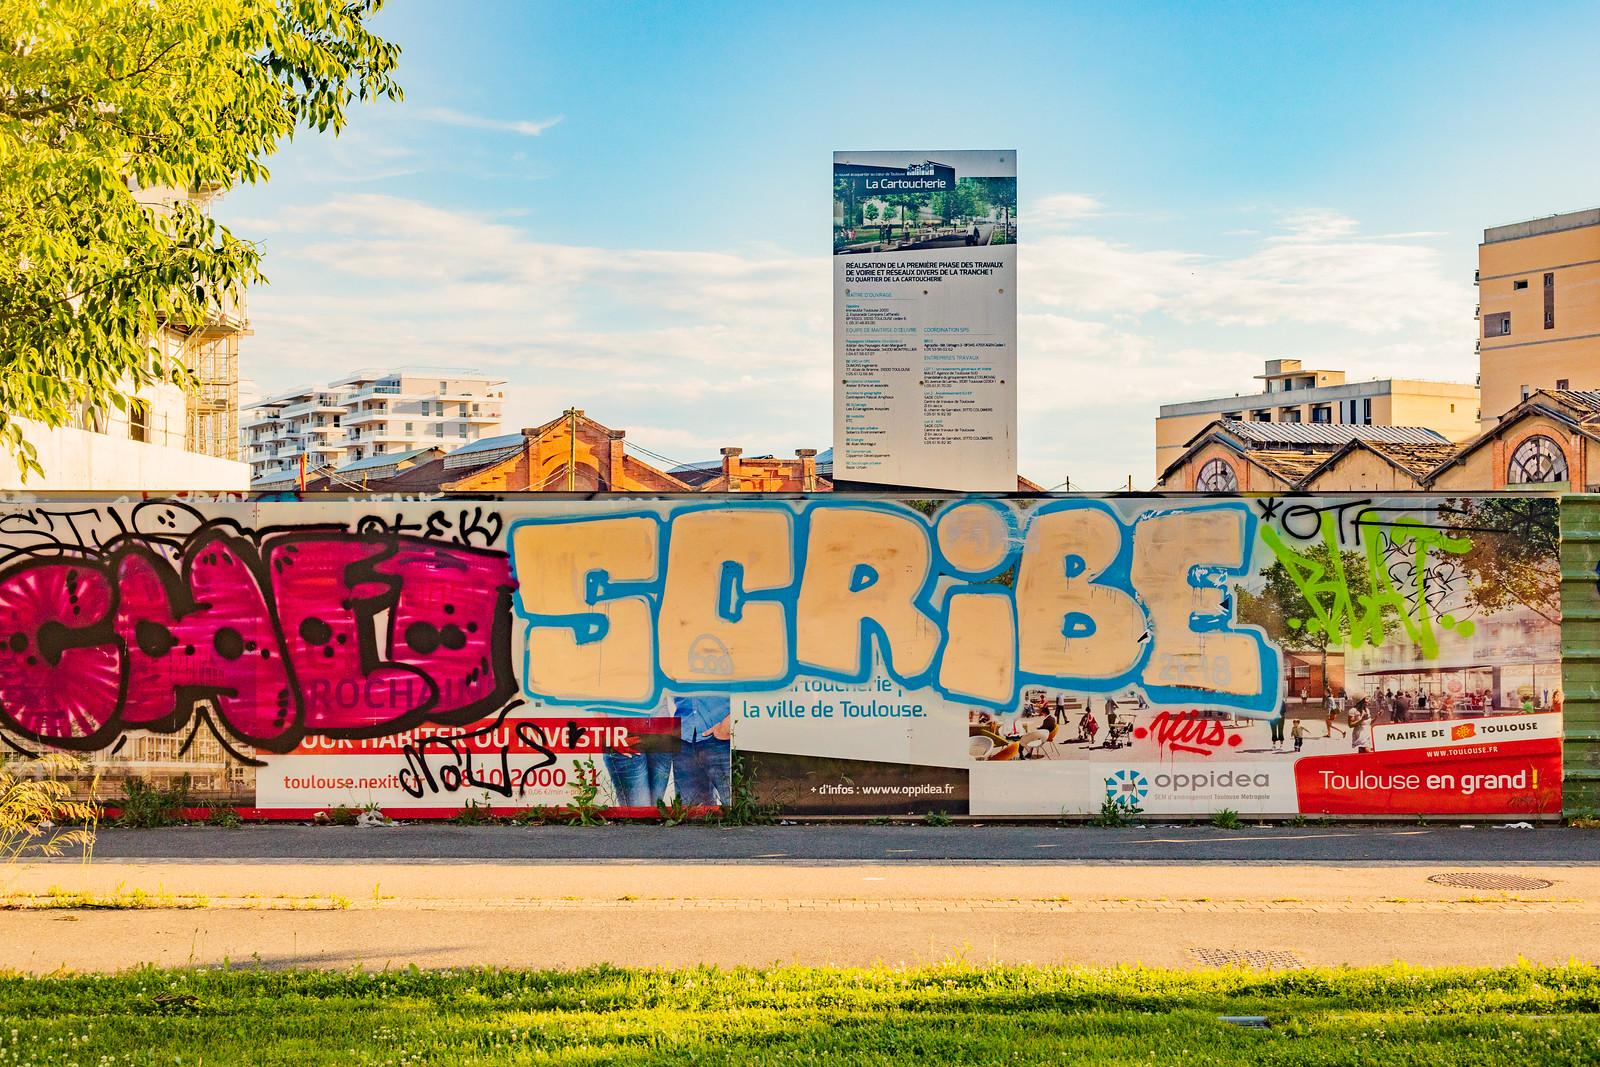 Photo d'un graffiti de l'artiste Scribe à Toulouse, 2019 BORISSECRETIN